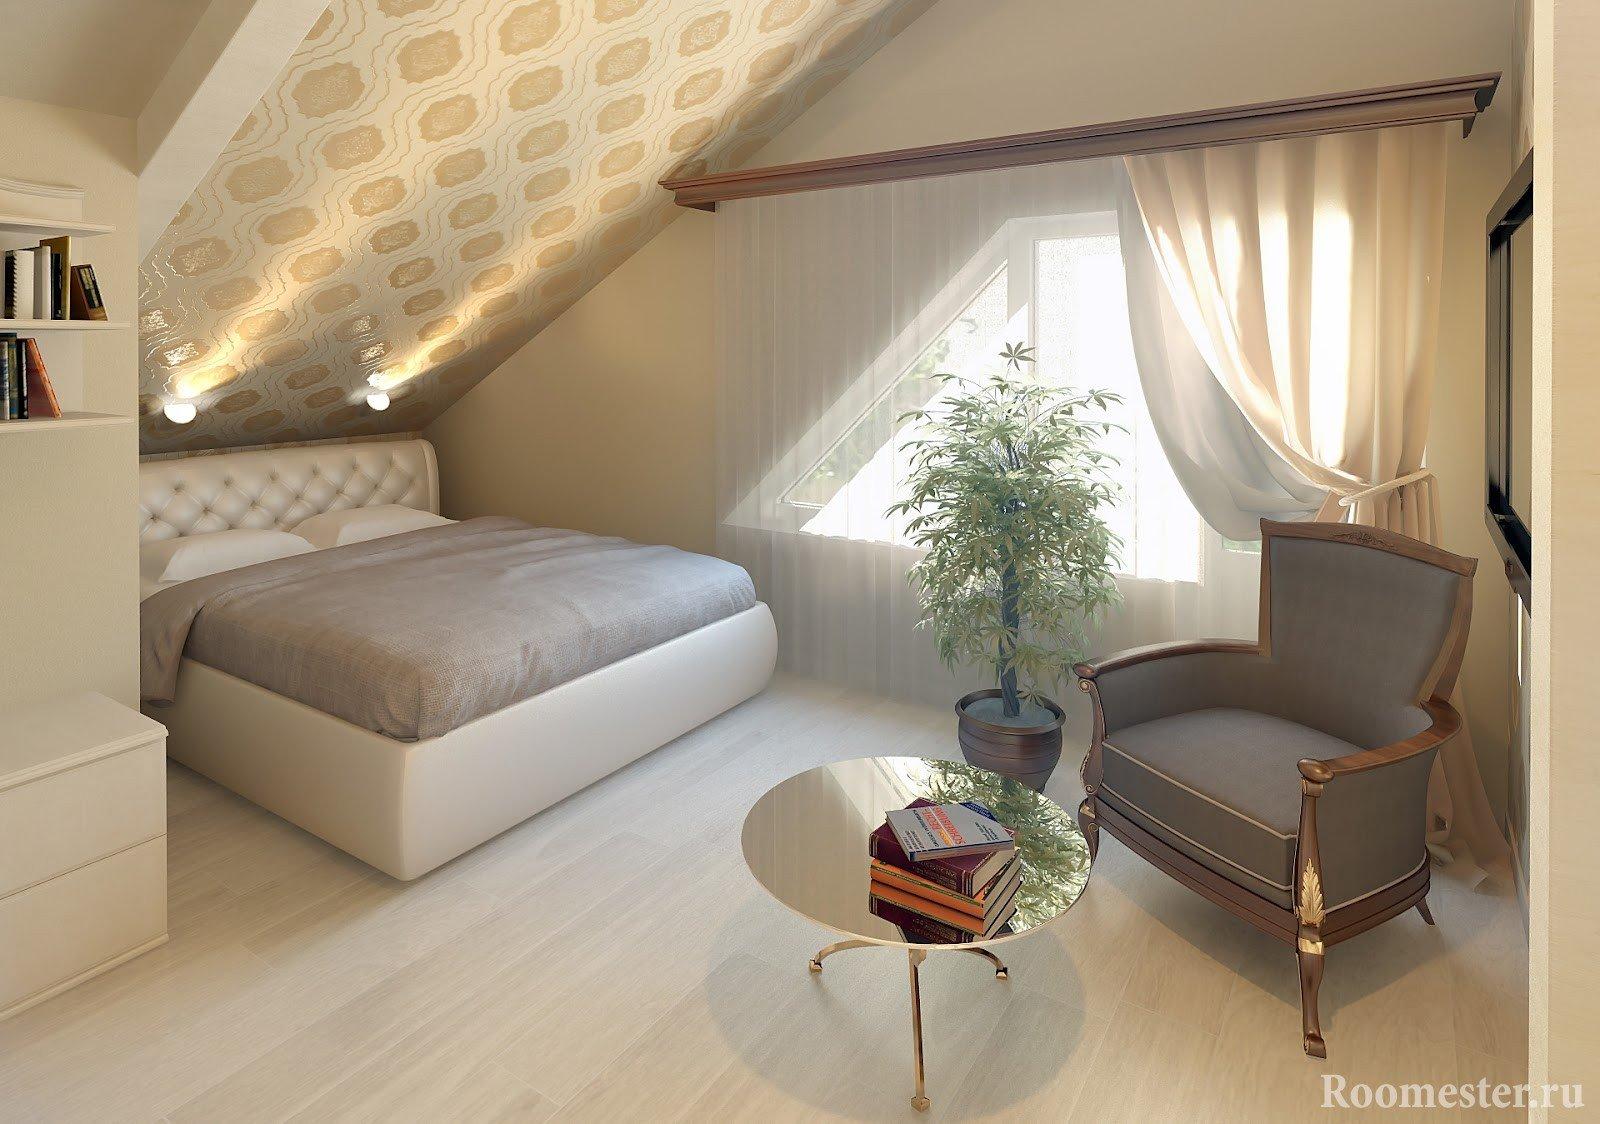 Цветок, кресло и столик напротив кровати